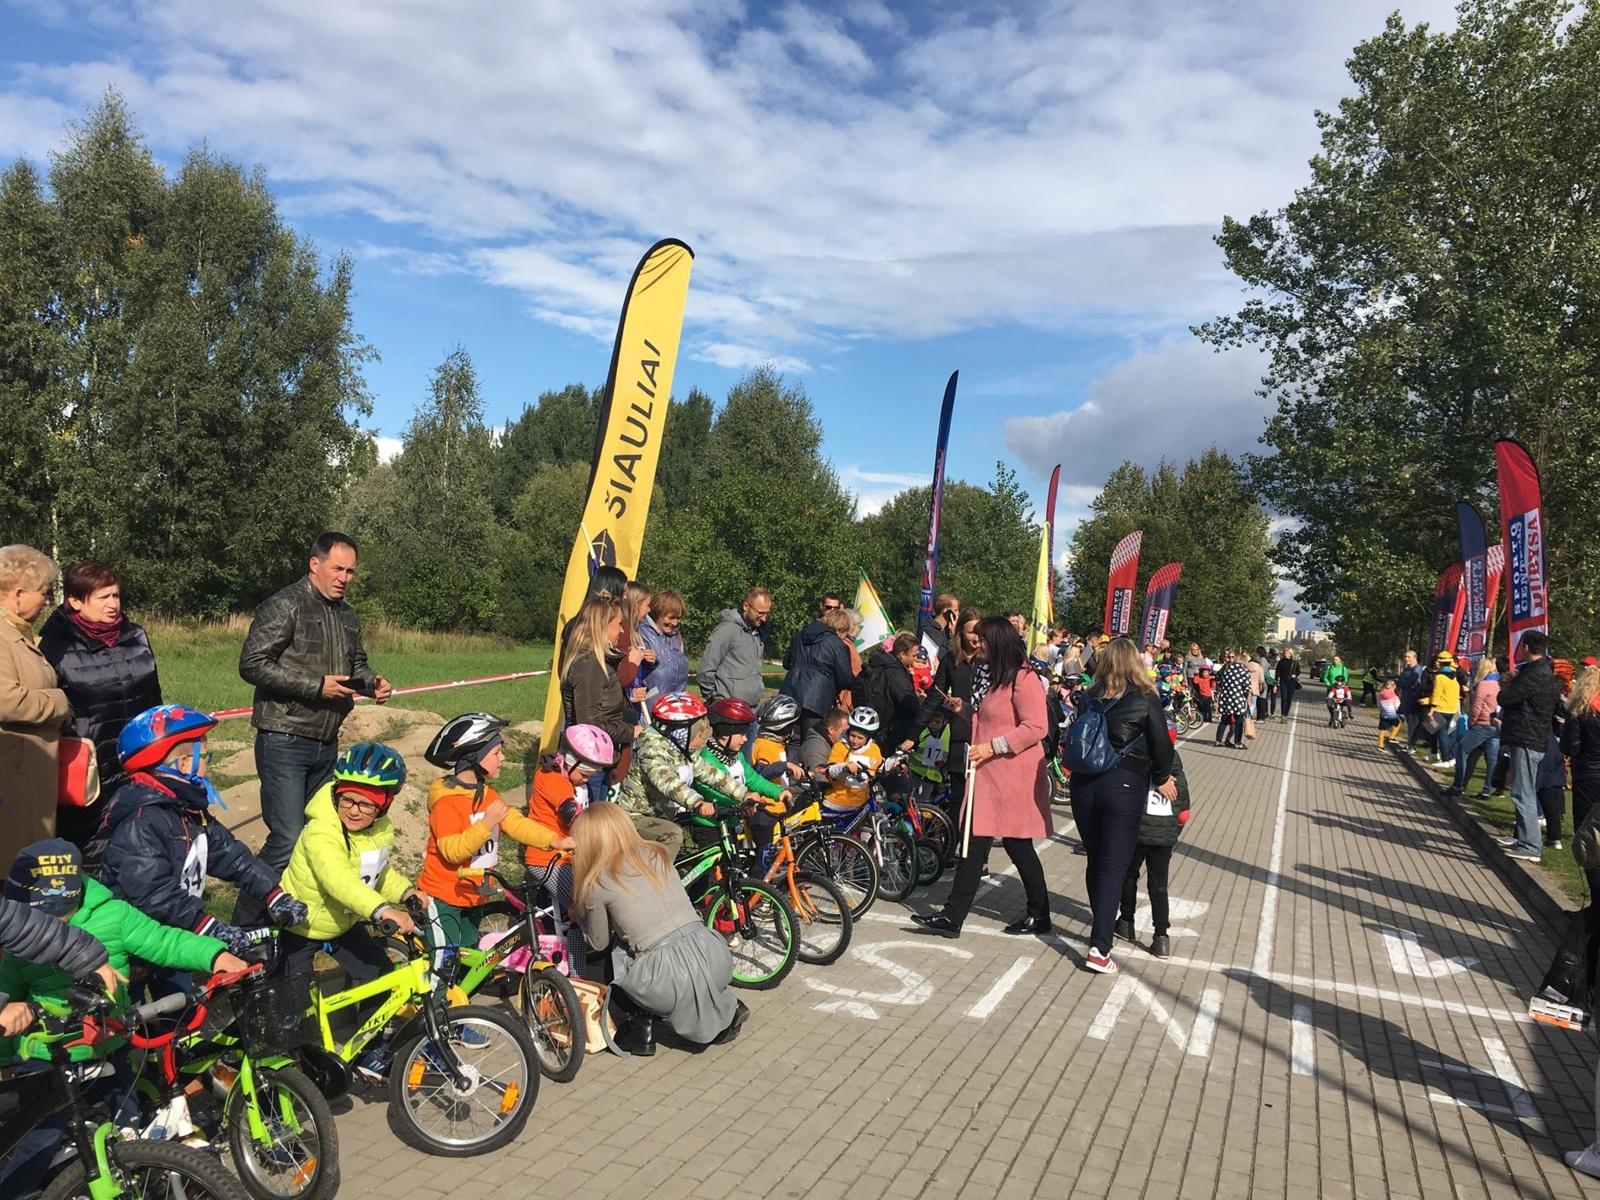 Šiaulių miesto ikimokyklinio ugdymo įstaigų dviratukų varžybos